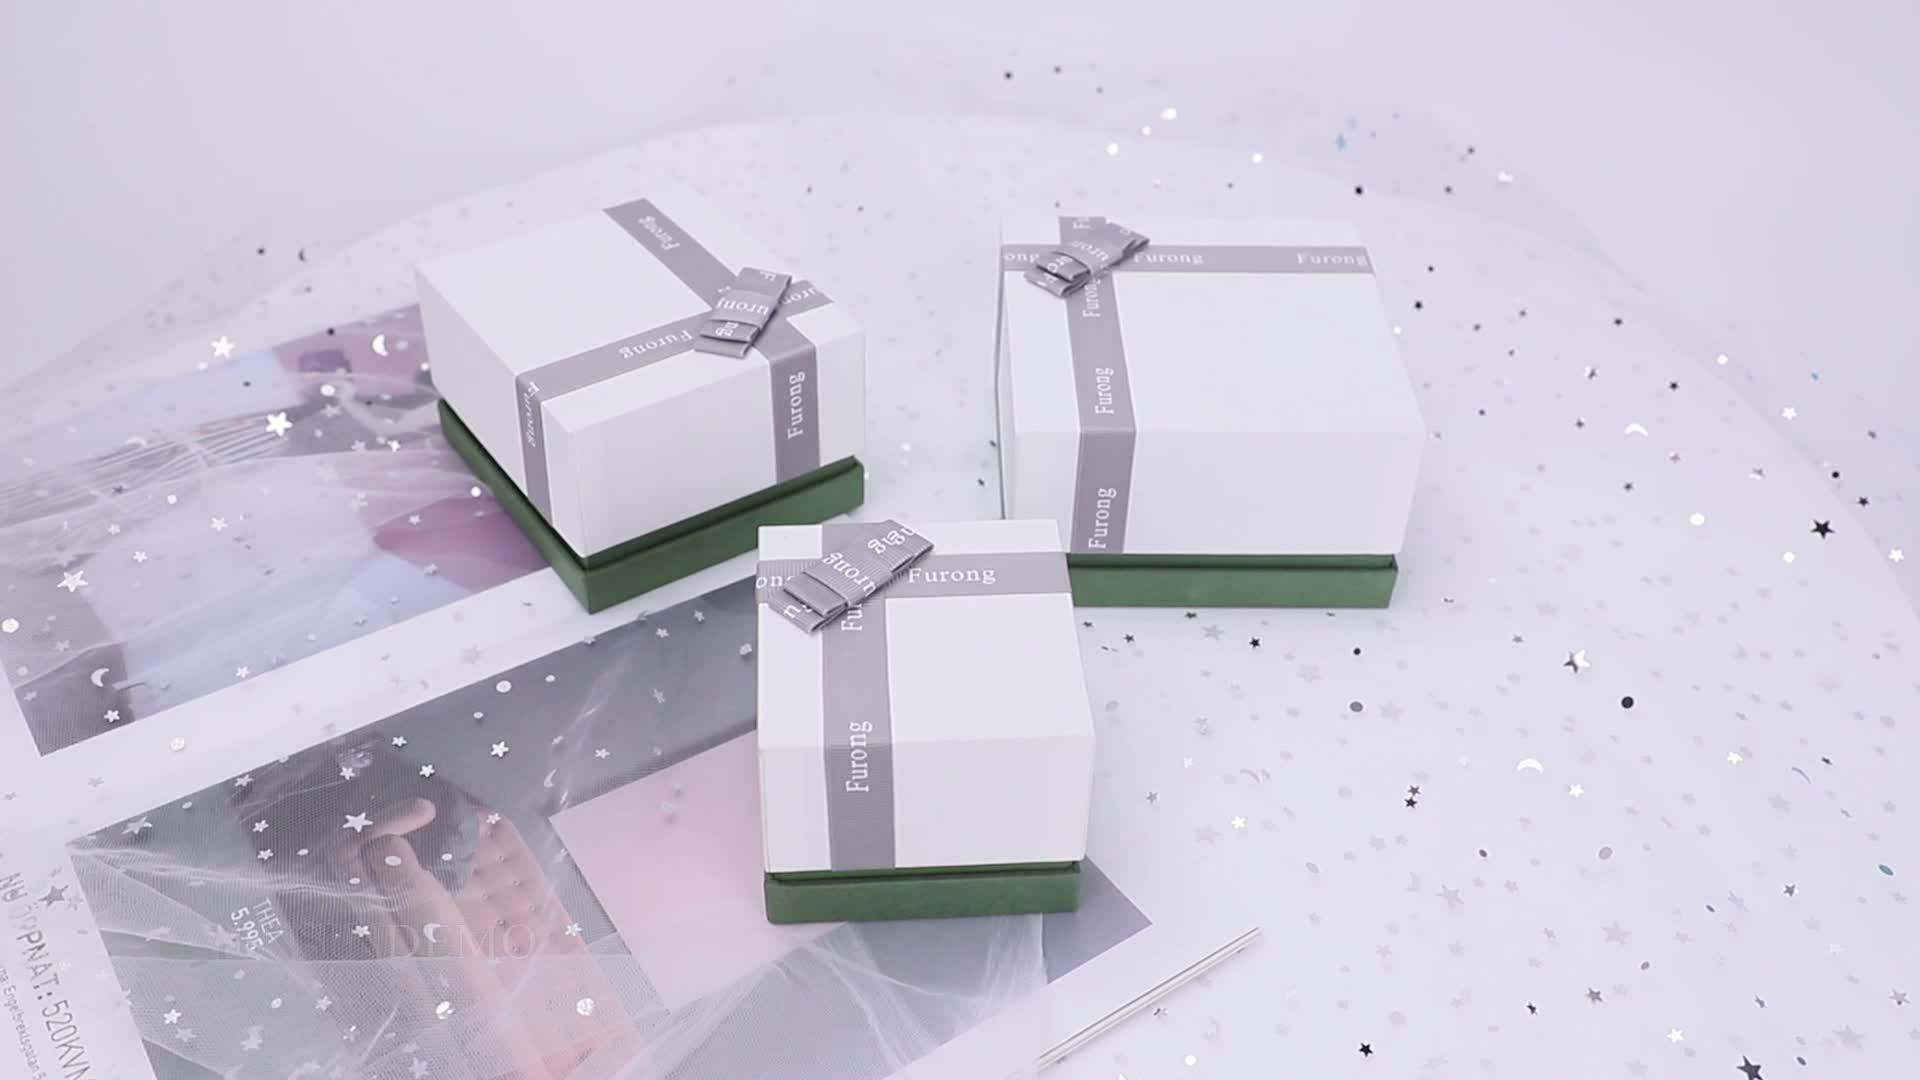 कस्टम लक्जरी कागज नालीदार गहने उपहार पैकेजिंग बॉक्स